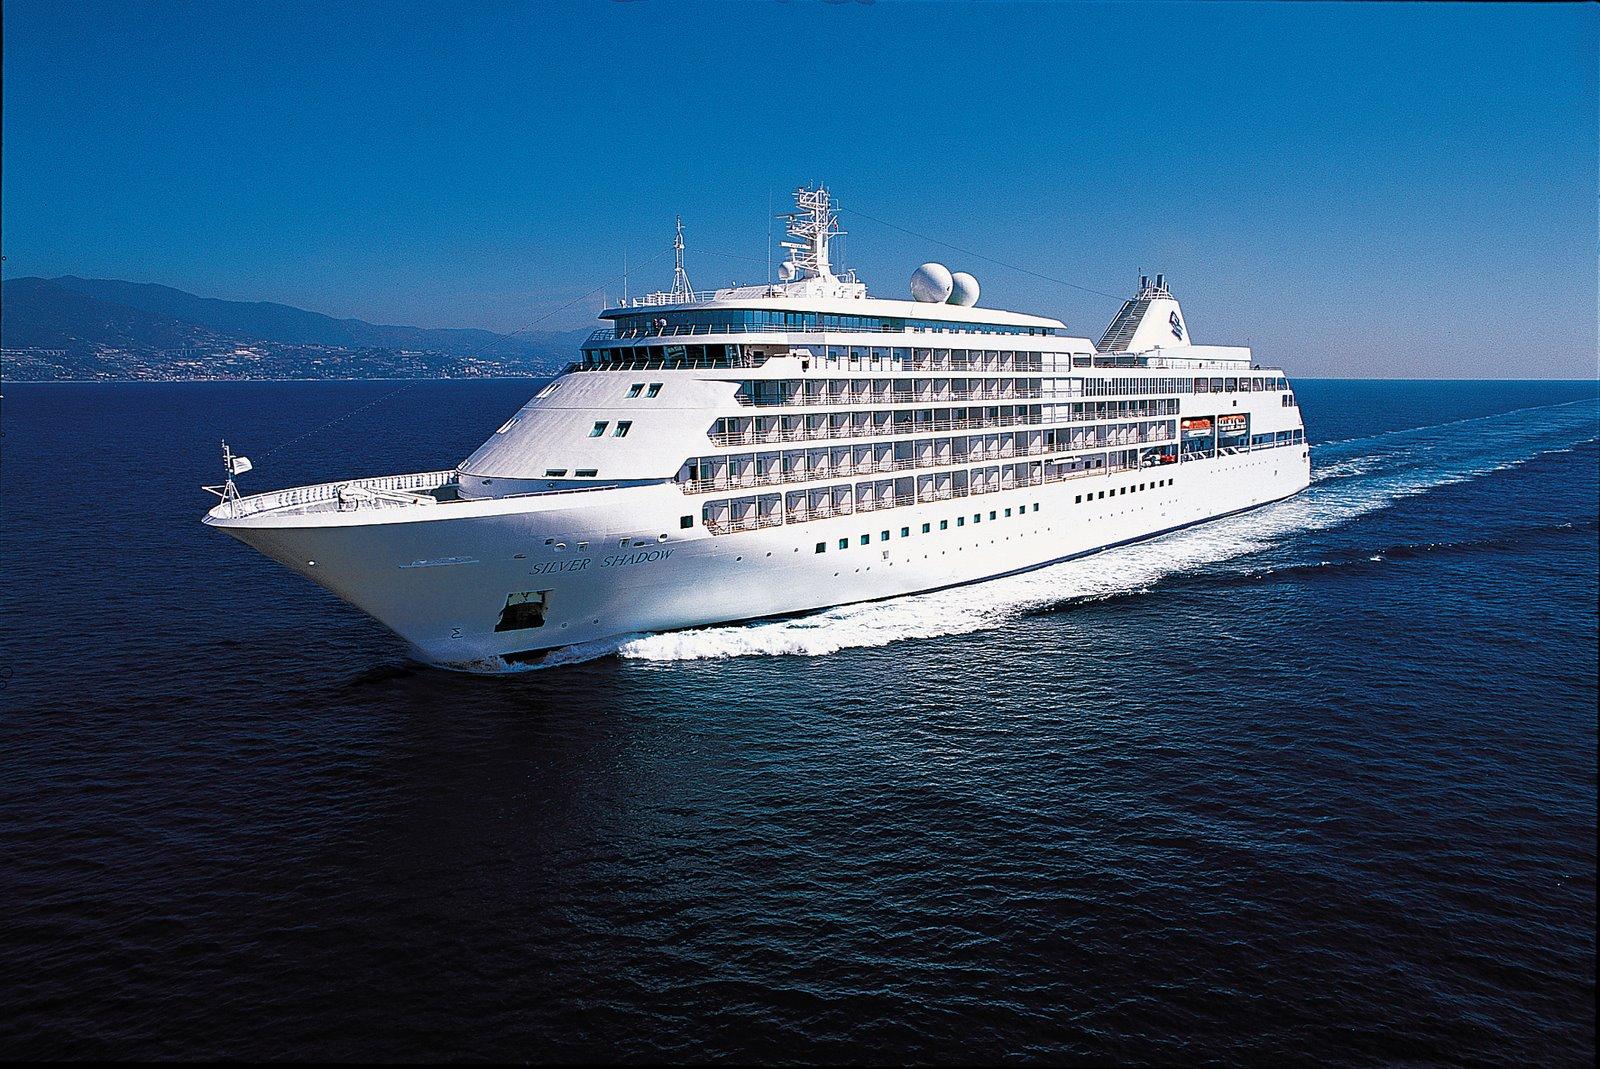 A ship - Cruises #1